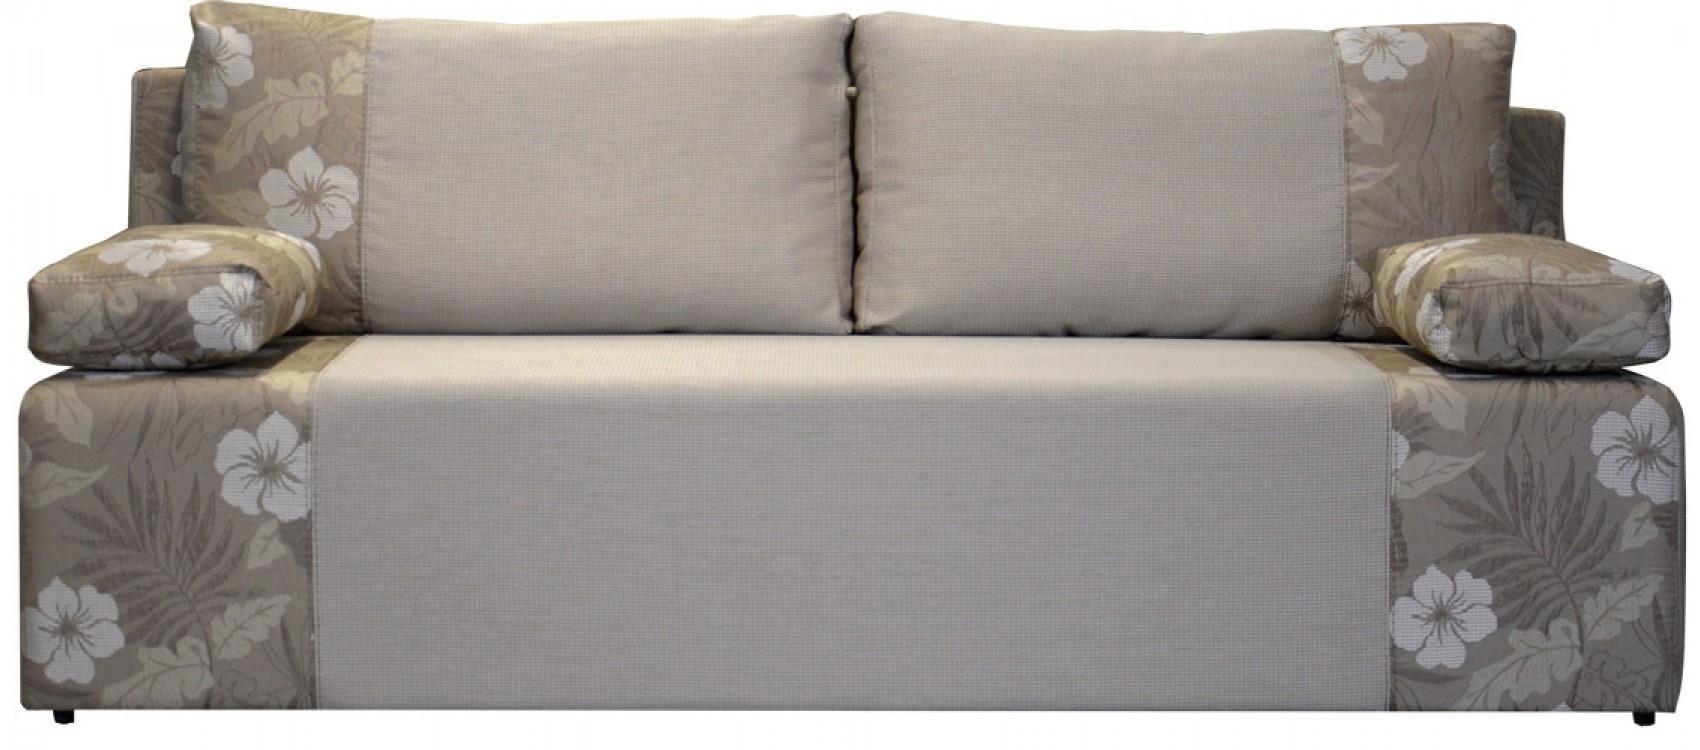 Sofa VITO фото 3